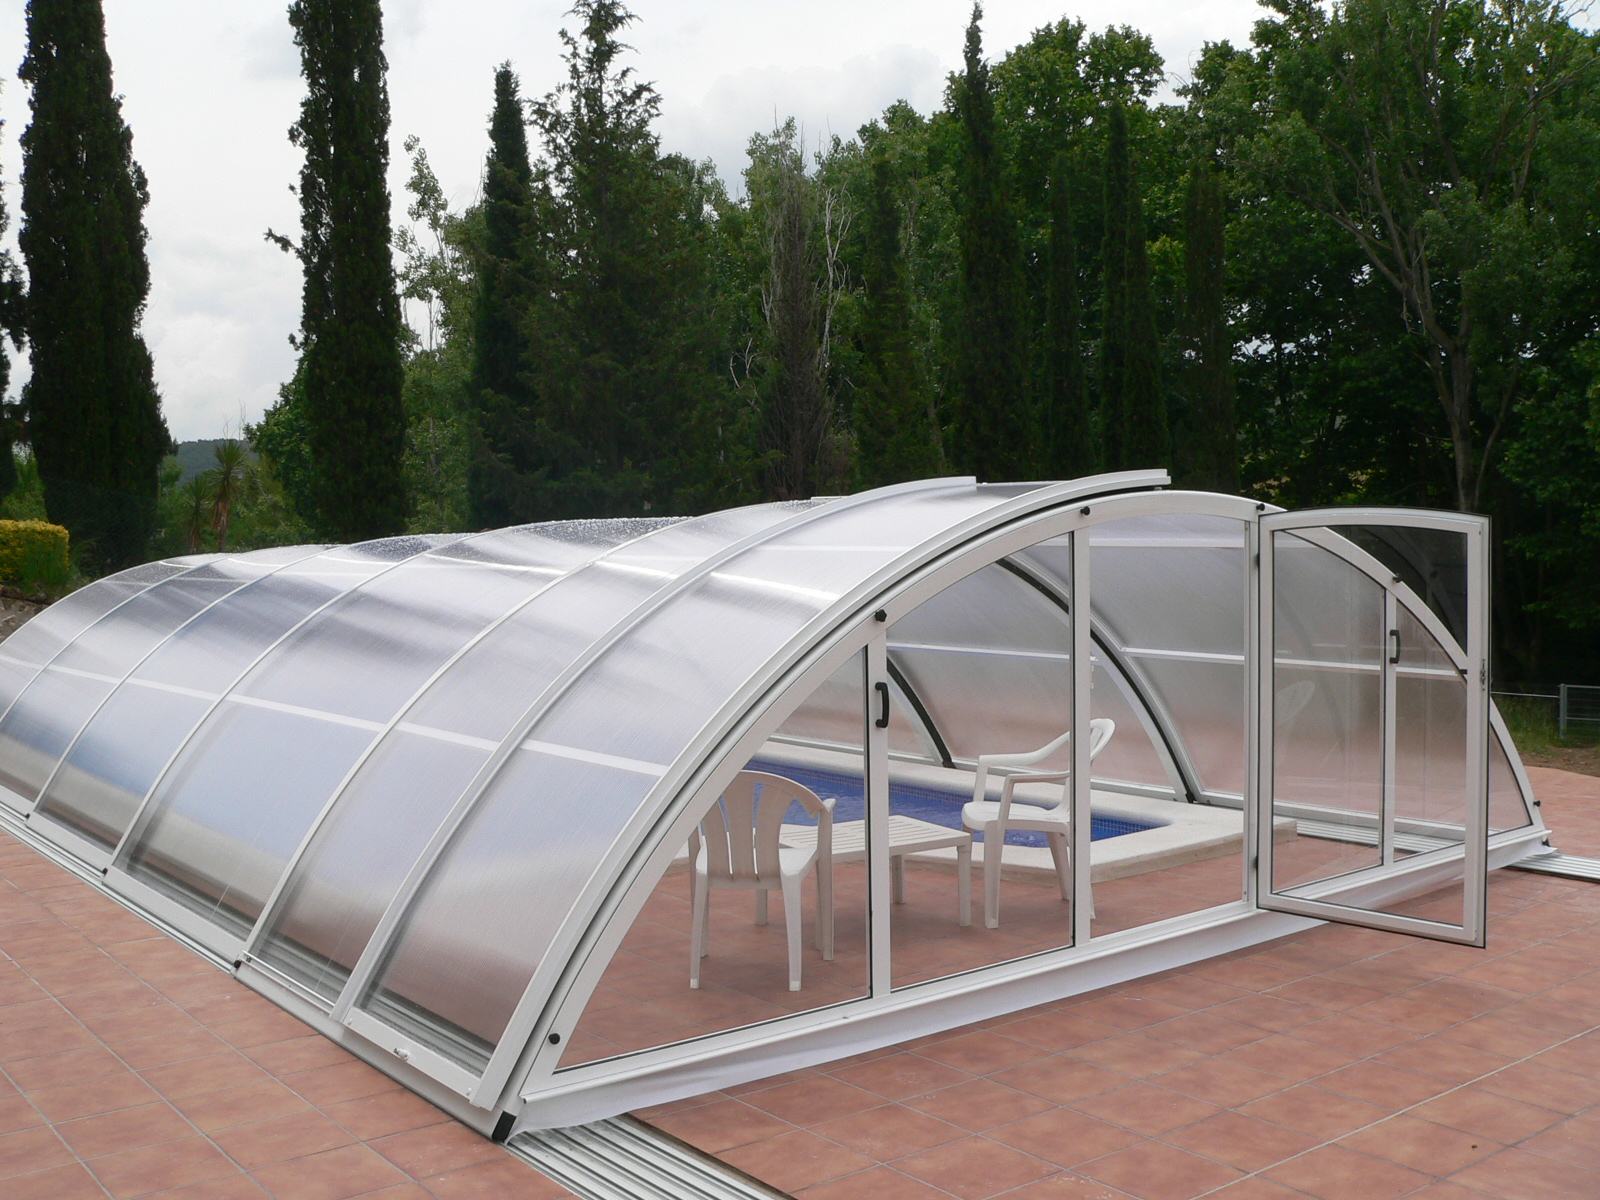 Devis Abri Piscine à Amiens ▷ Haut, Hors-sol, Plat : Tarif & Coût